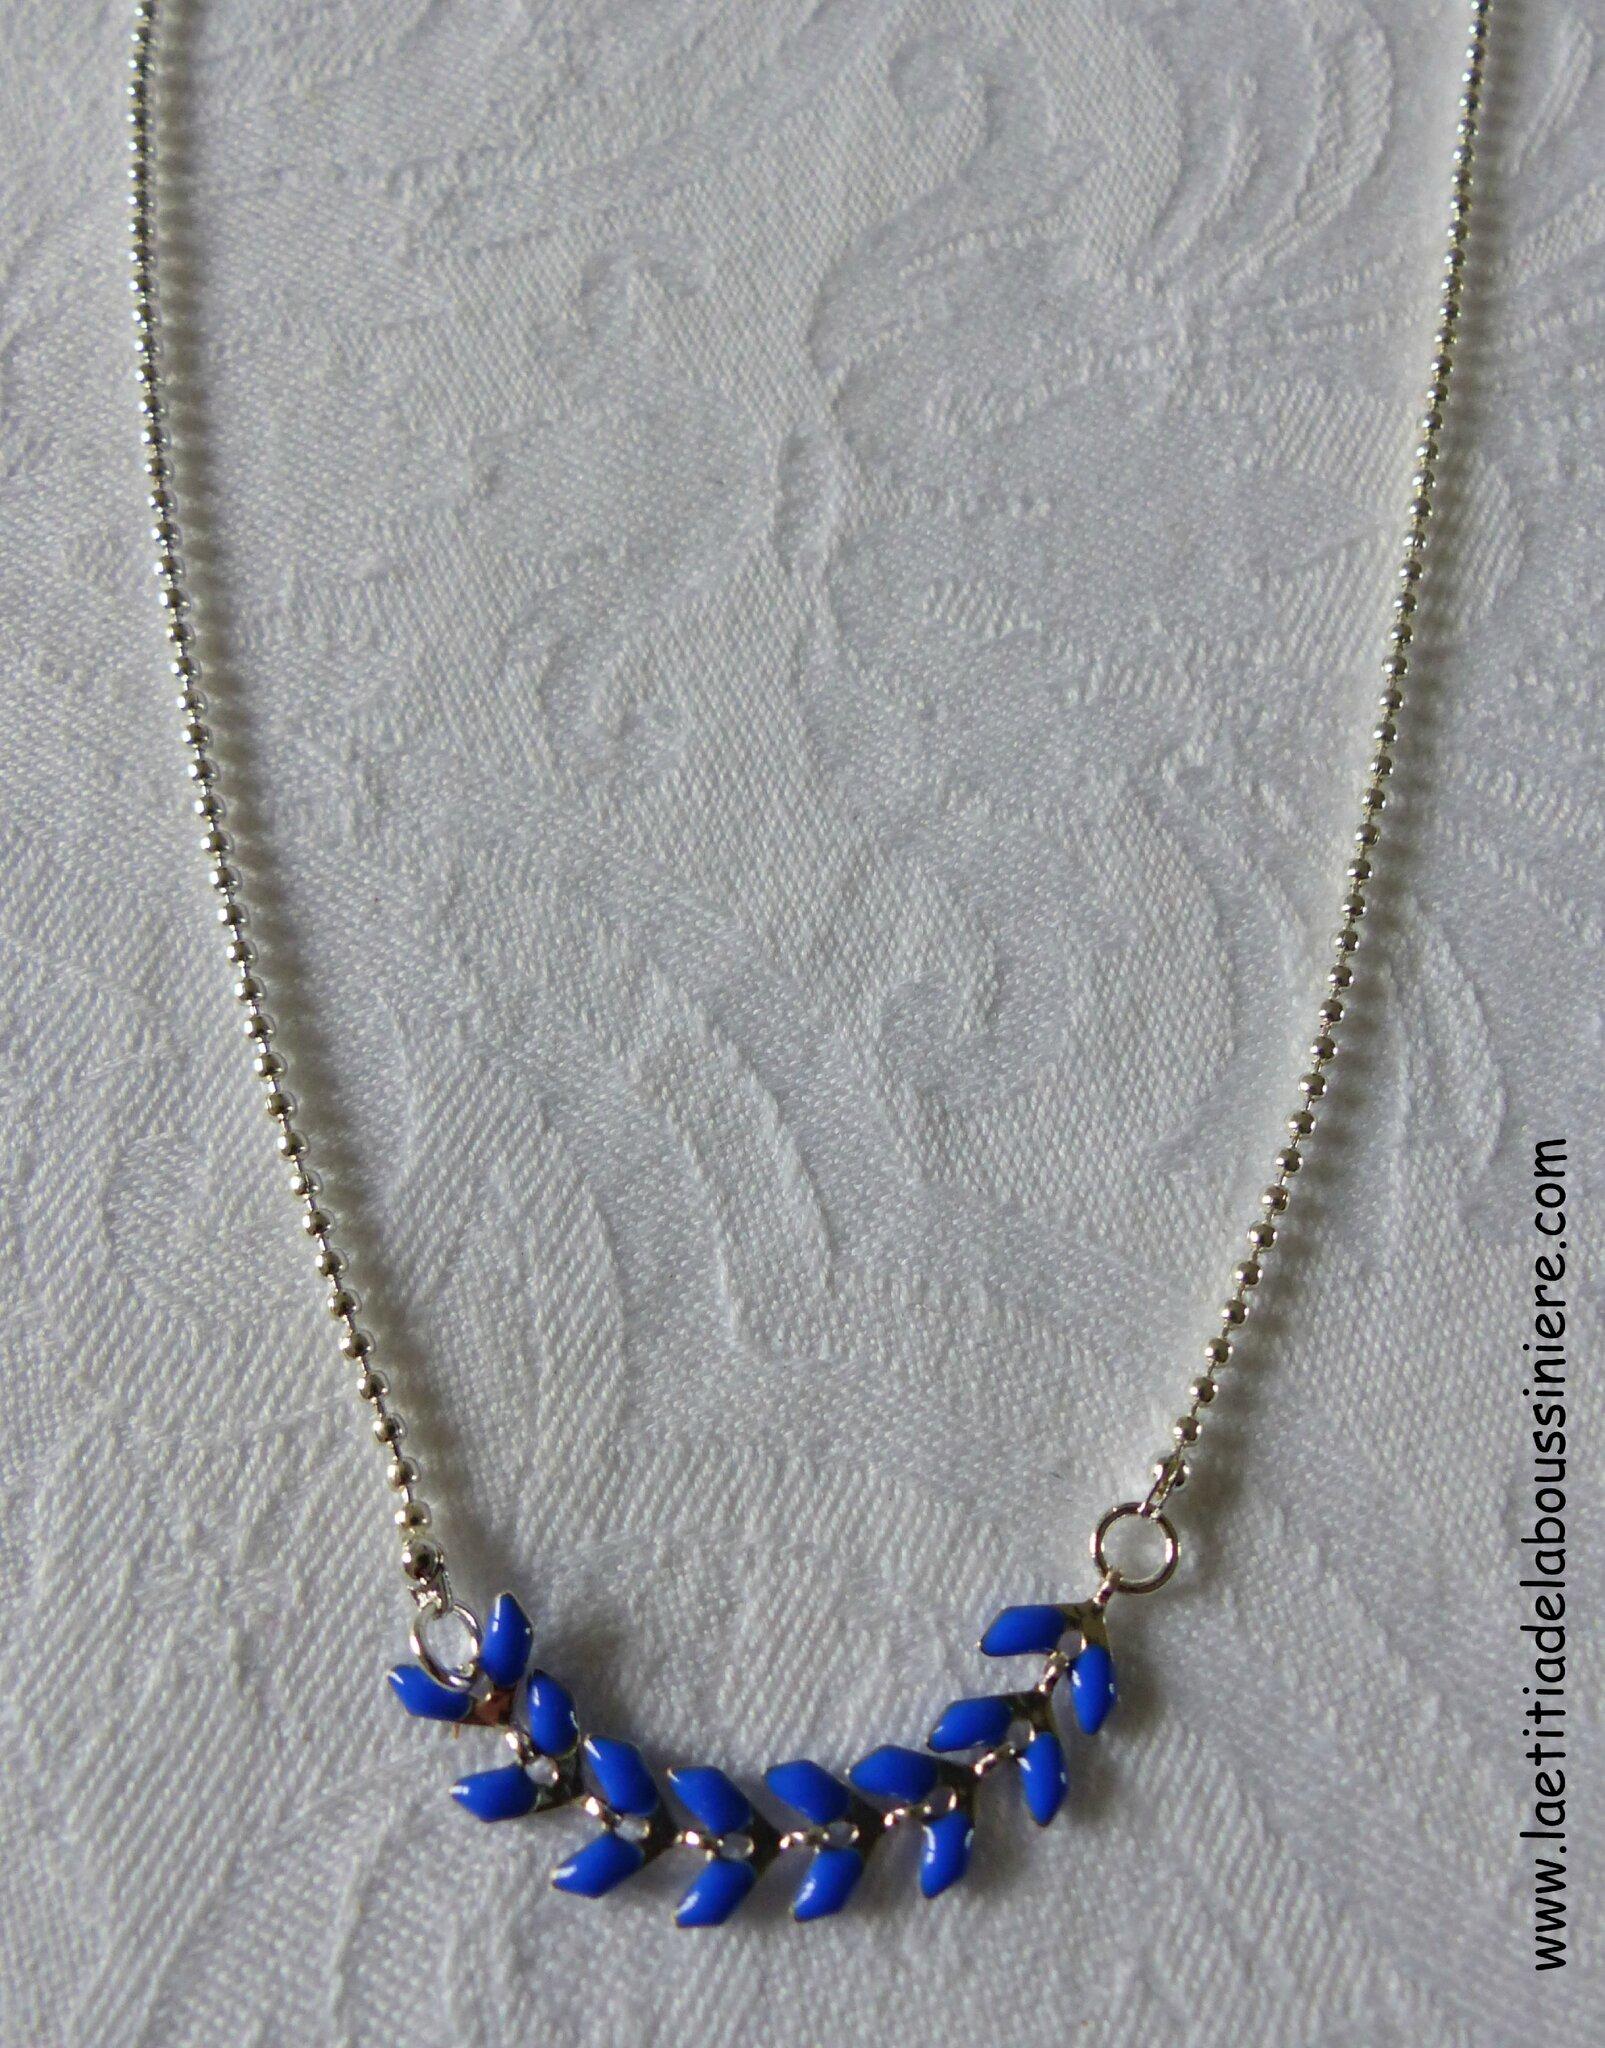 Collier César (bleu nuit, argenté) - 18 €